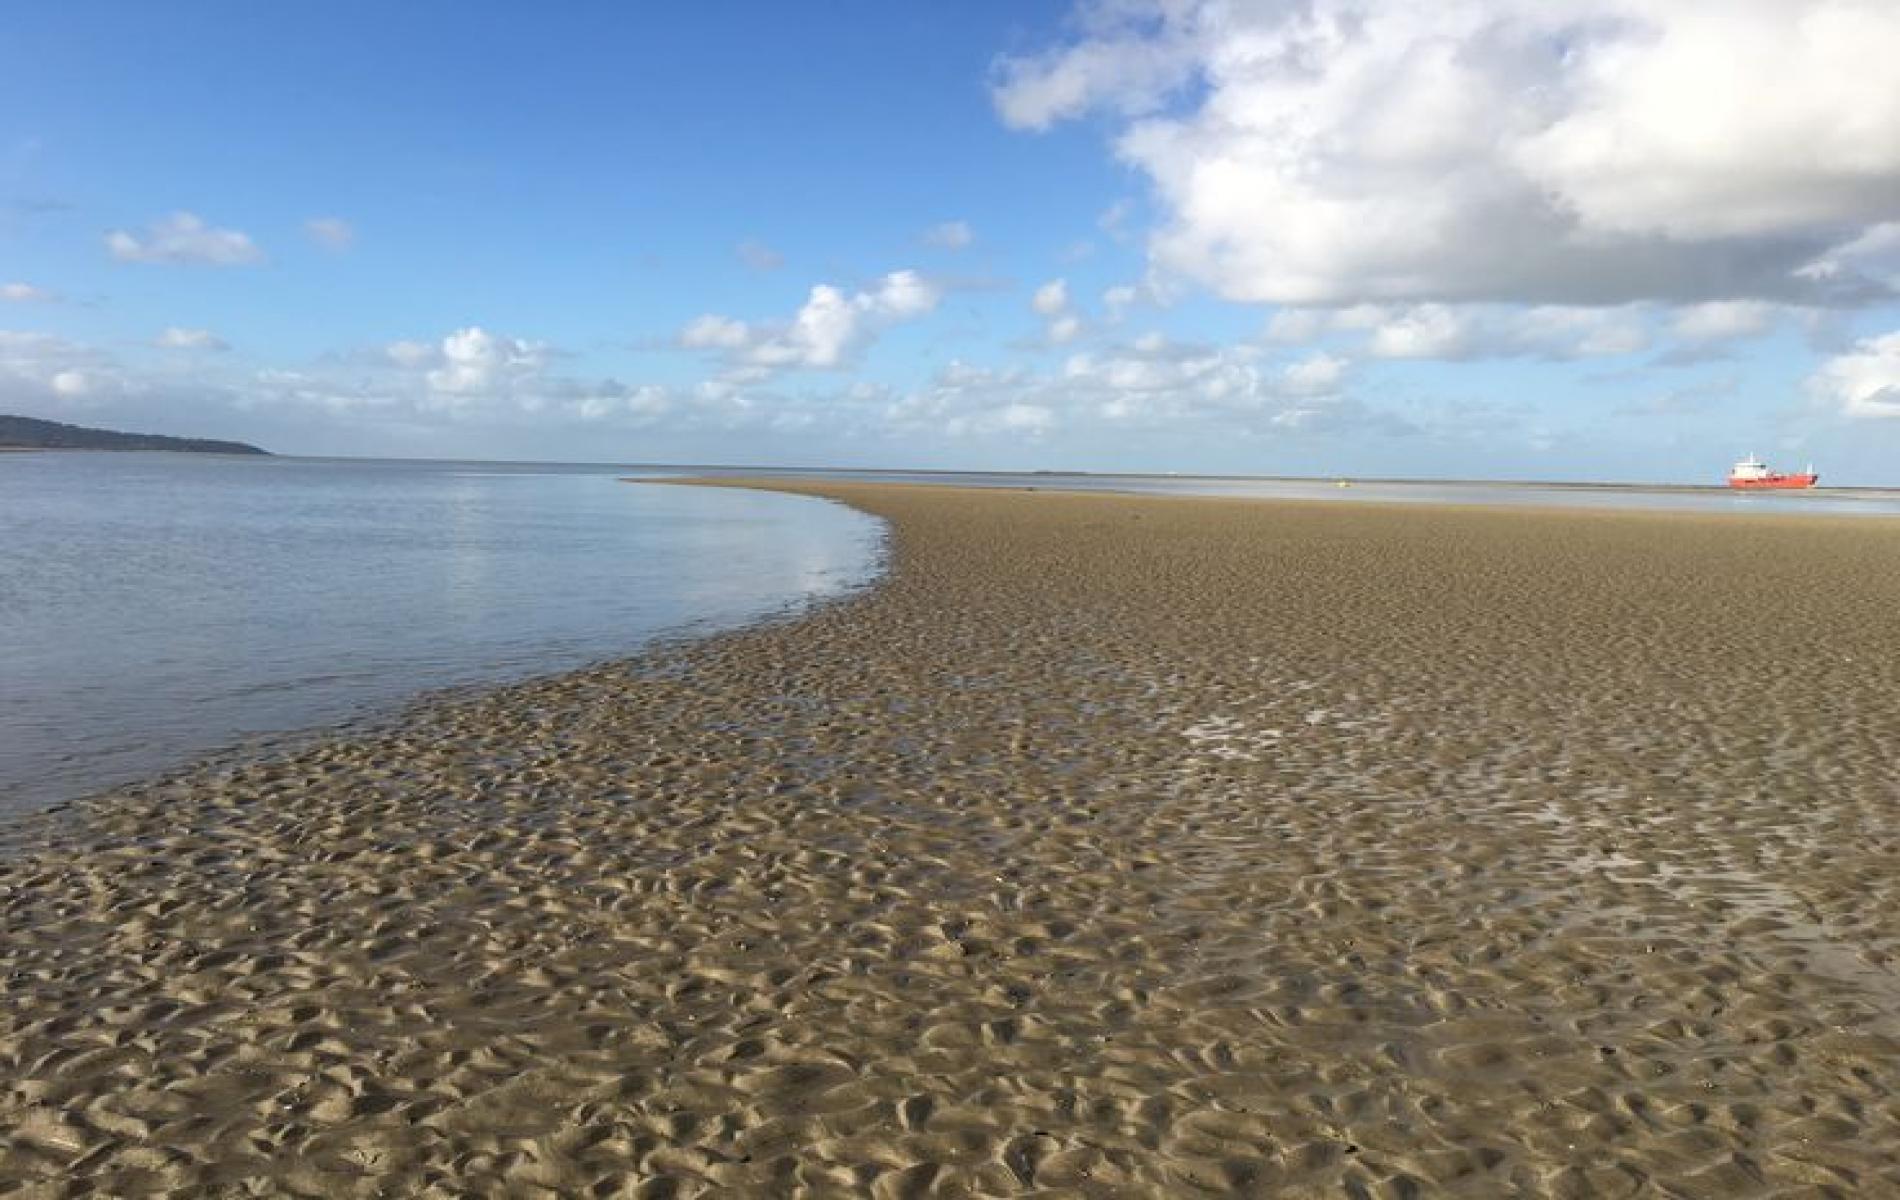 HOTEL HONFLEUR  Htel de charme  Honfleur  400 m de la mer